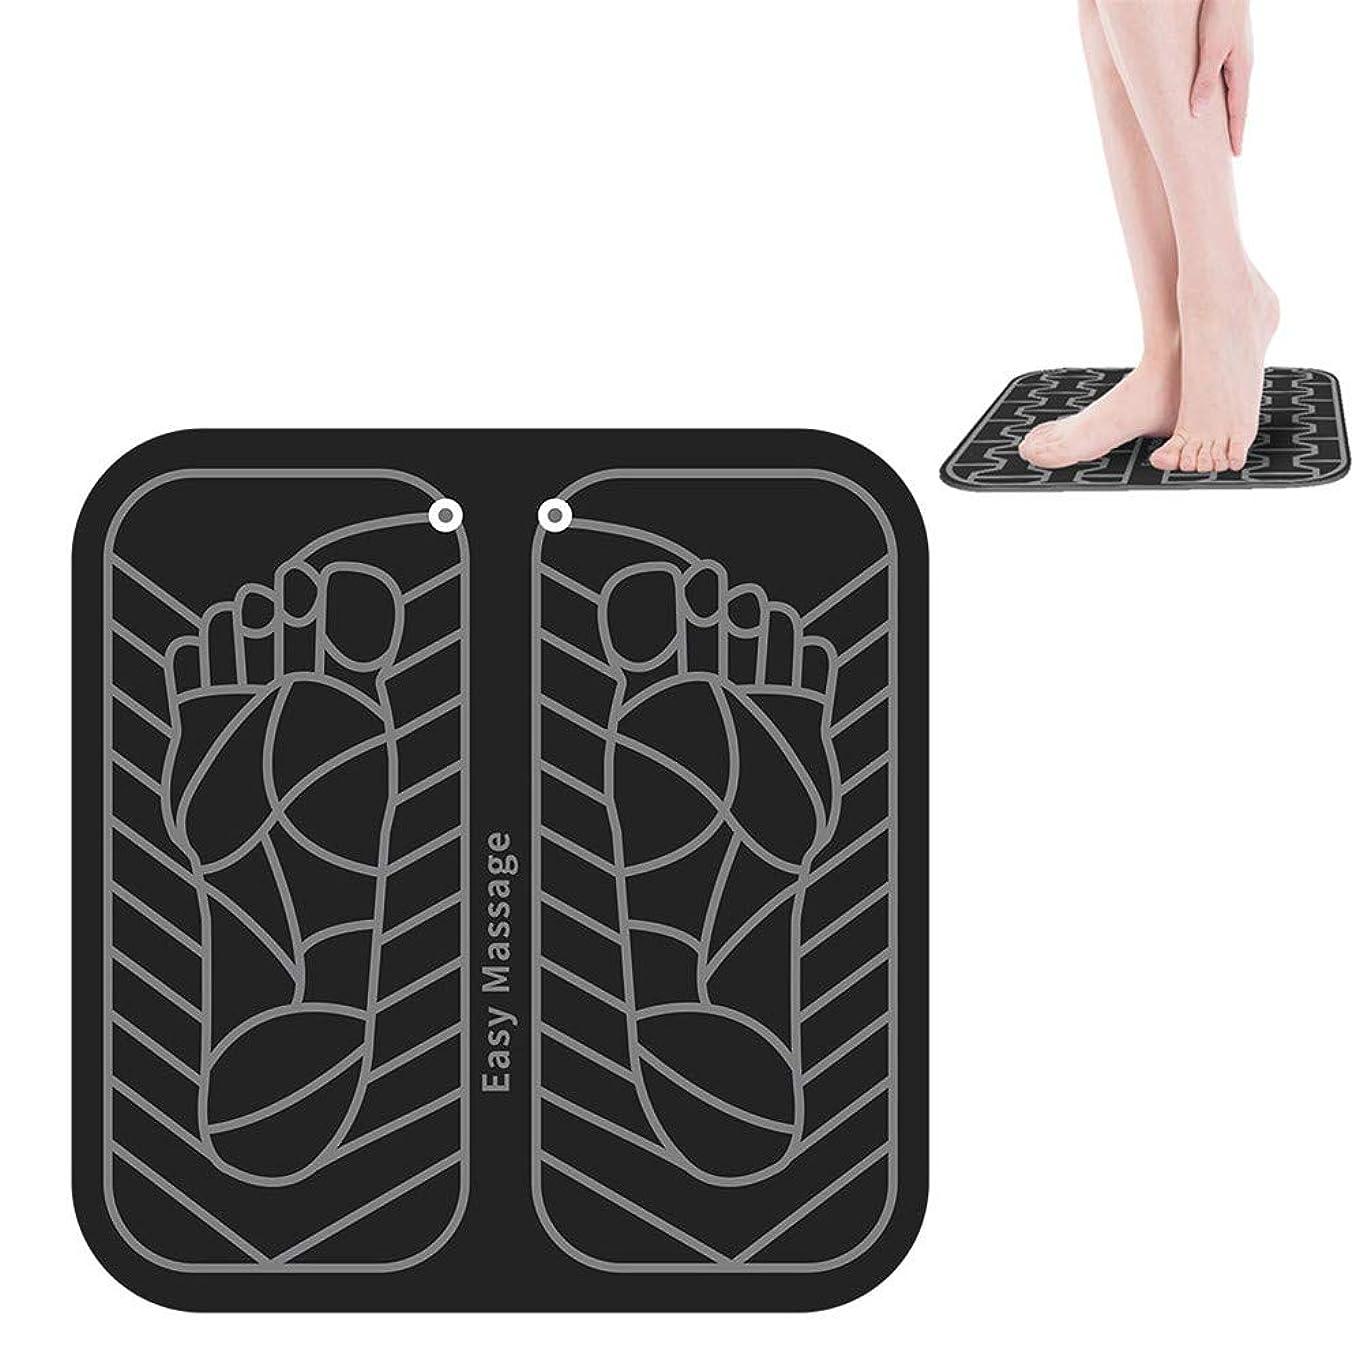 軽く鮮やかな慣習EMSインテリジェントフットマッサージャーは、リモートコントロール血液循環筋肉の痛みを軽減を促進するための電気フットマッサージパッドパルス